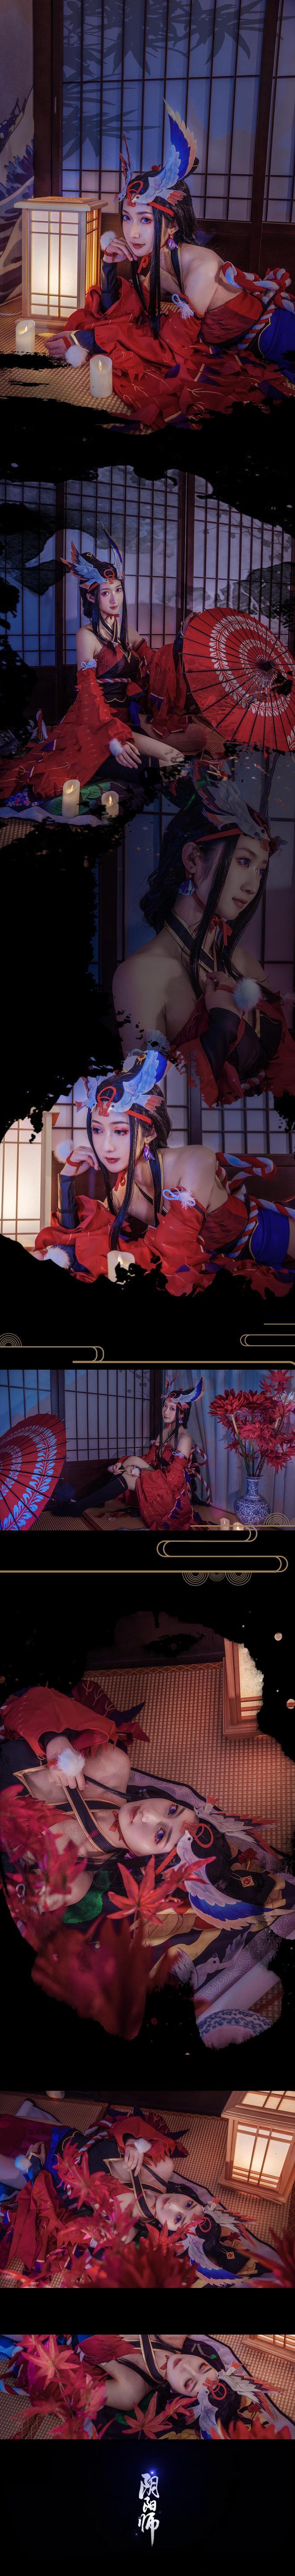 《阴阳师手游》正片cosplay【CN:羽咲VedeN】-第5张